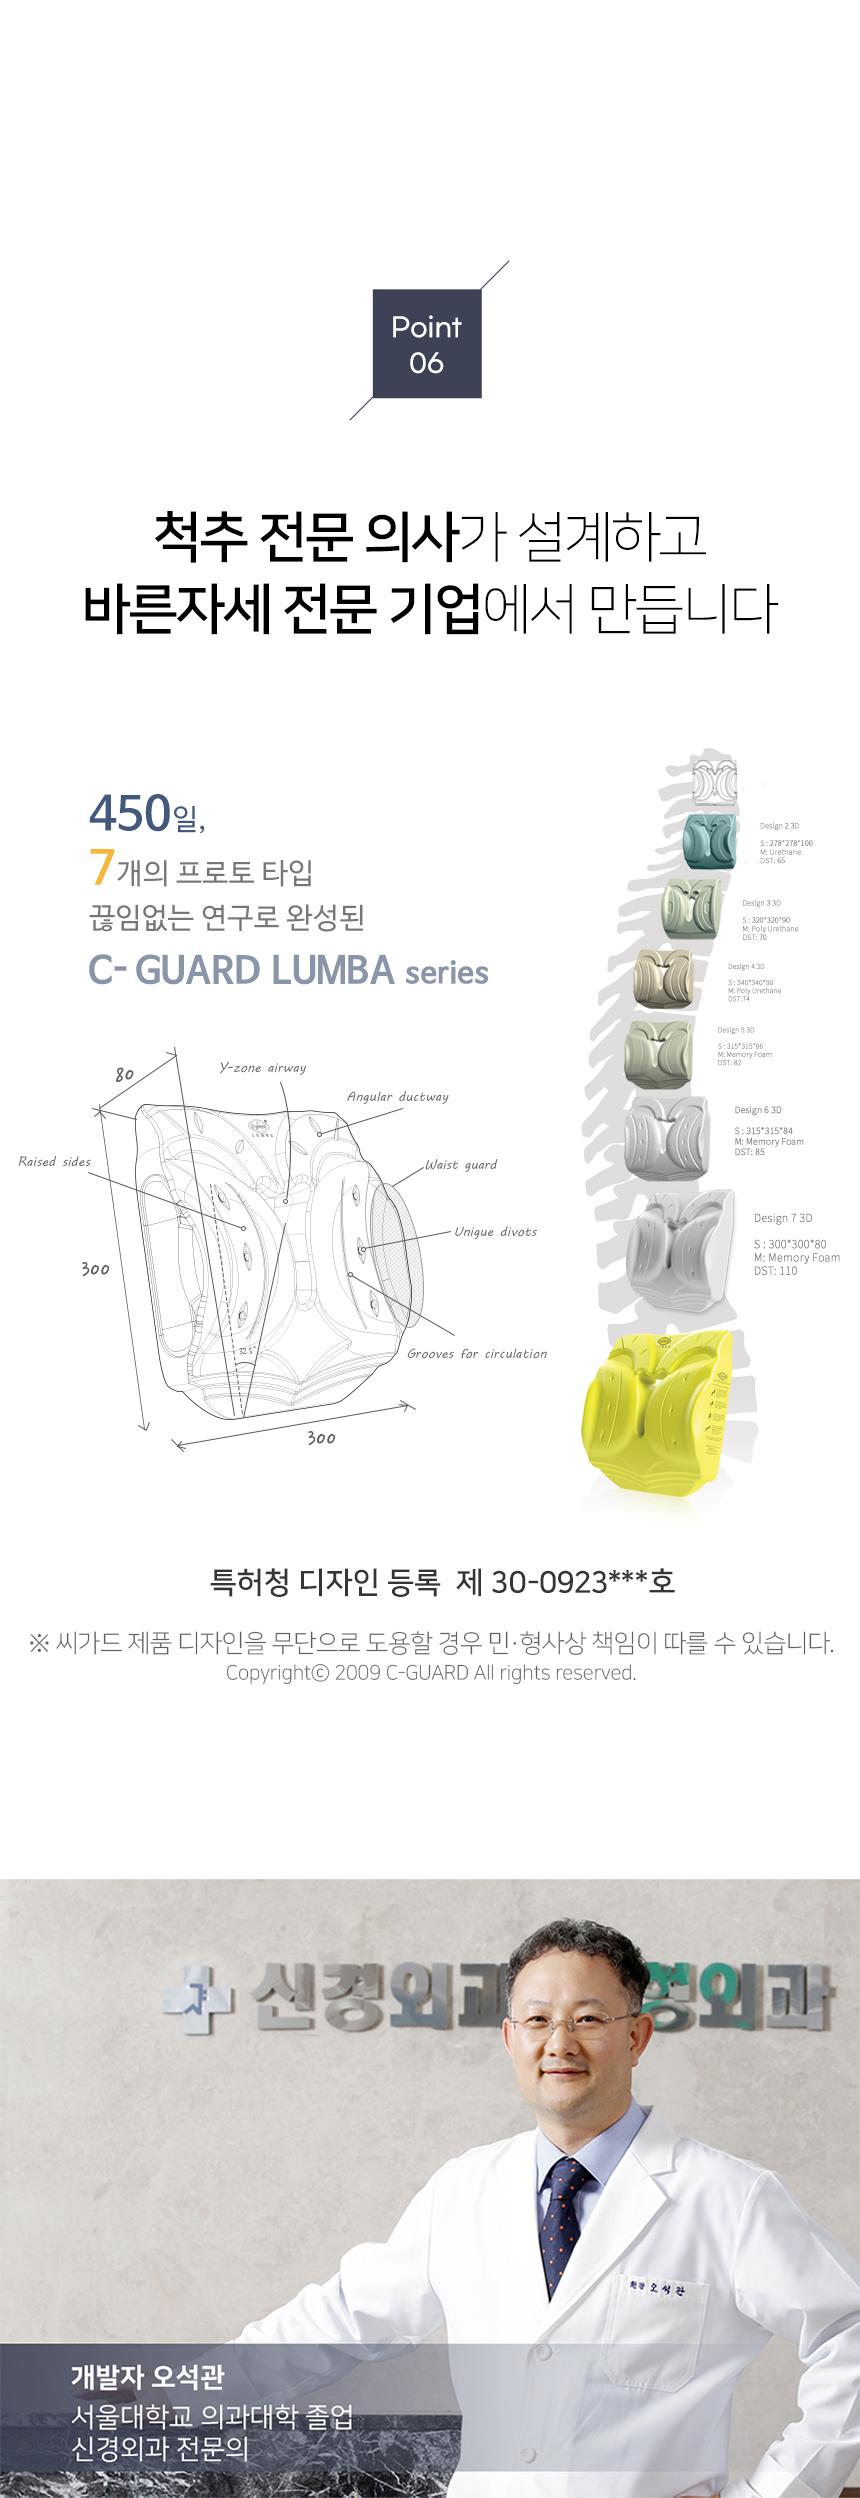 lumba_detail_12.jpg